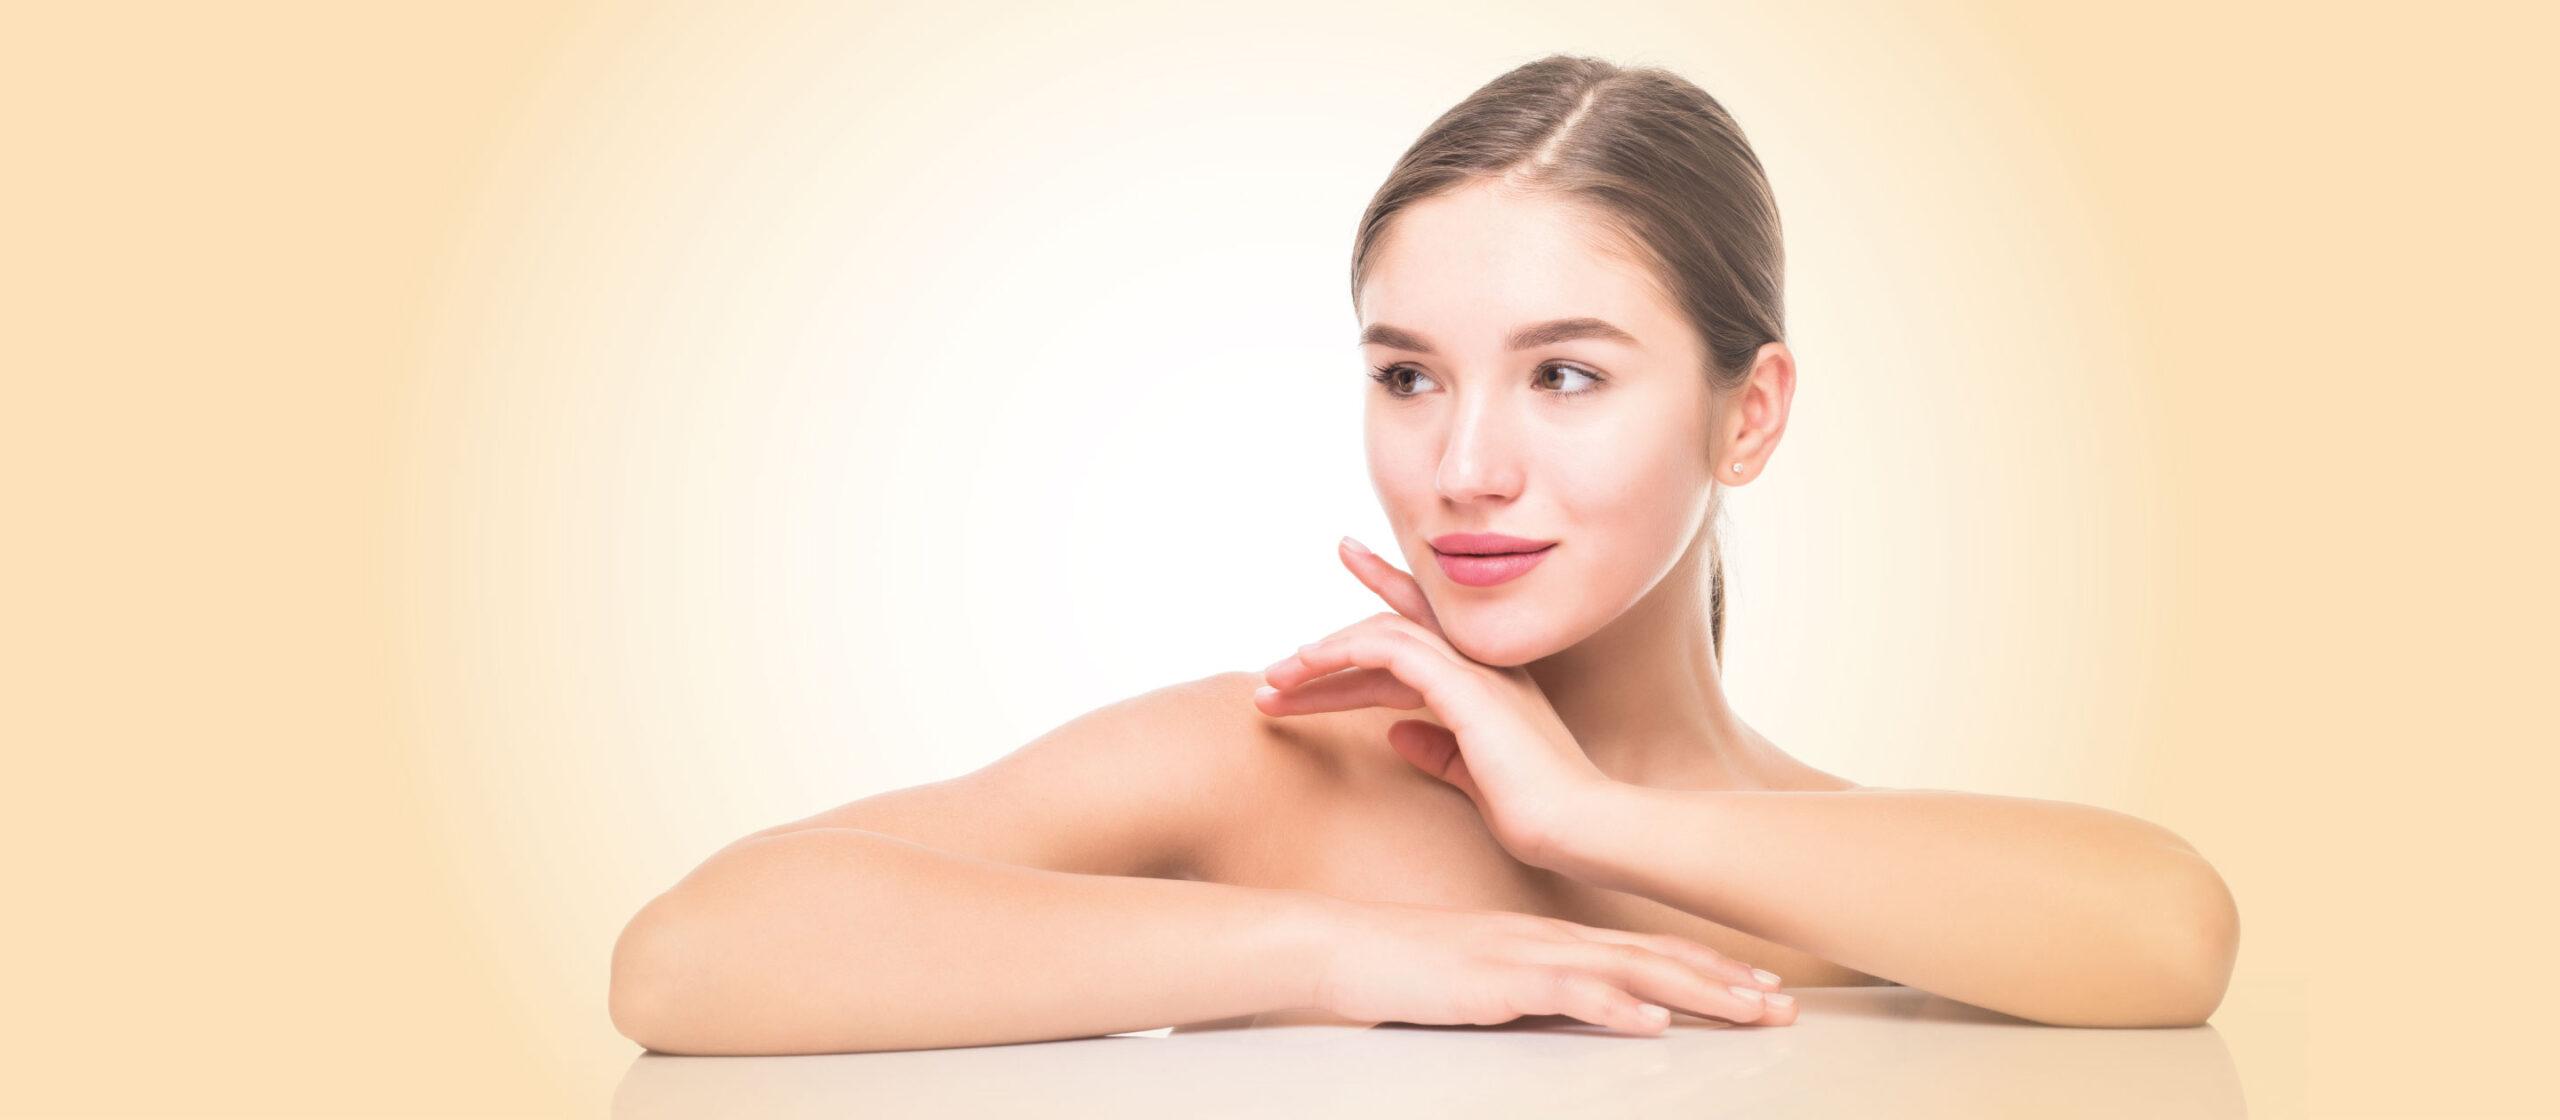 Skincare ElixirLabs